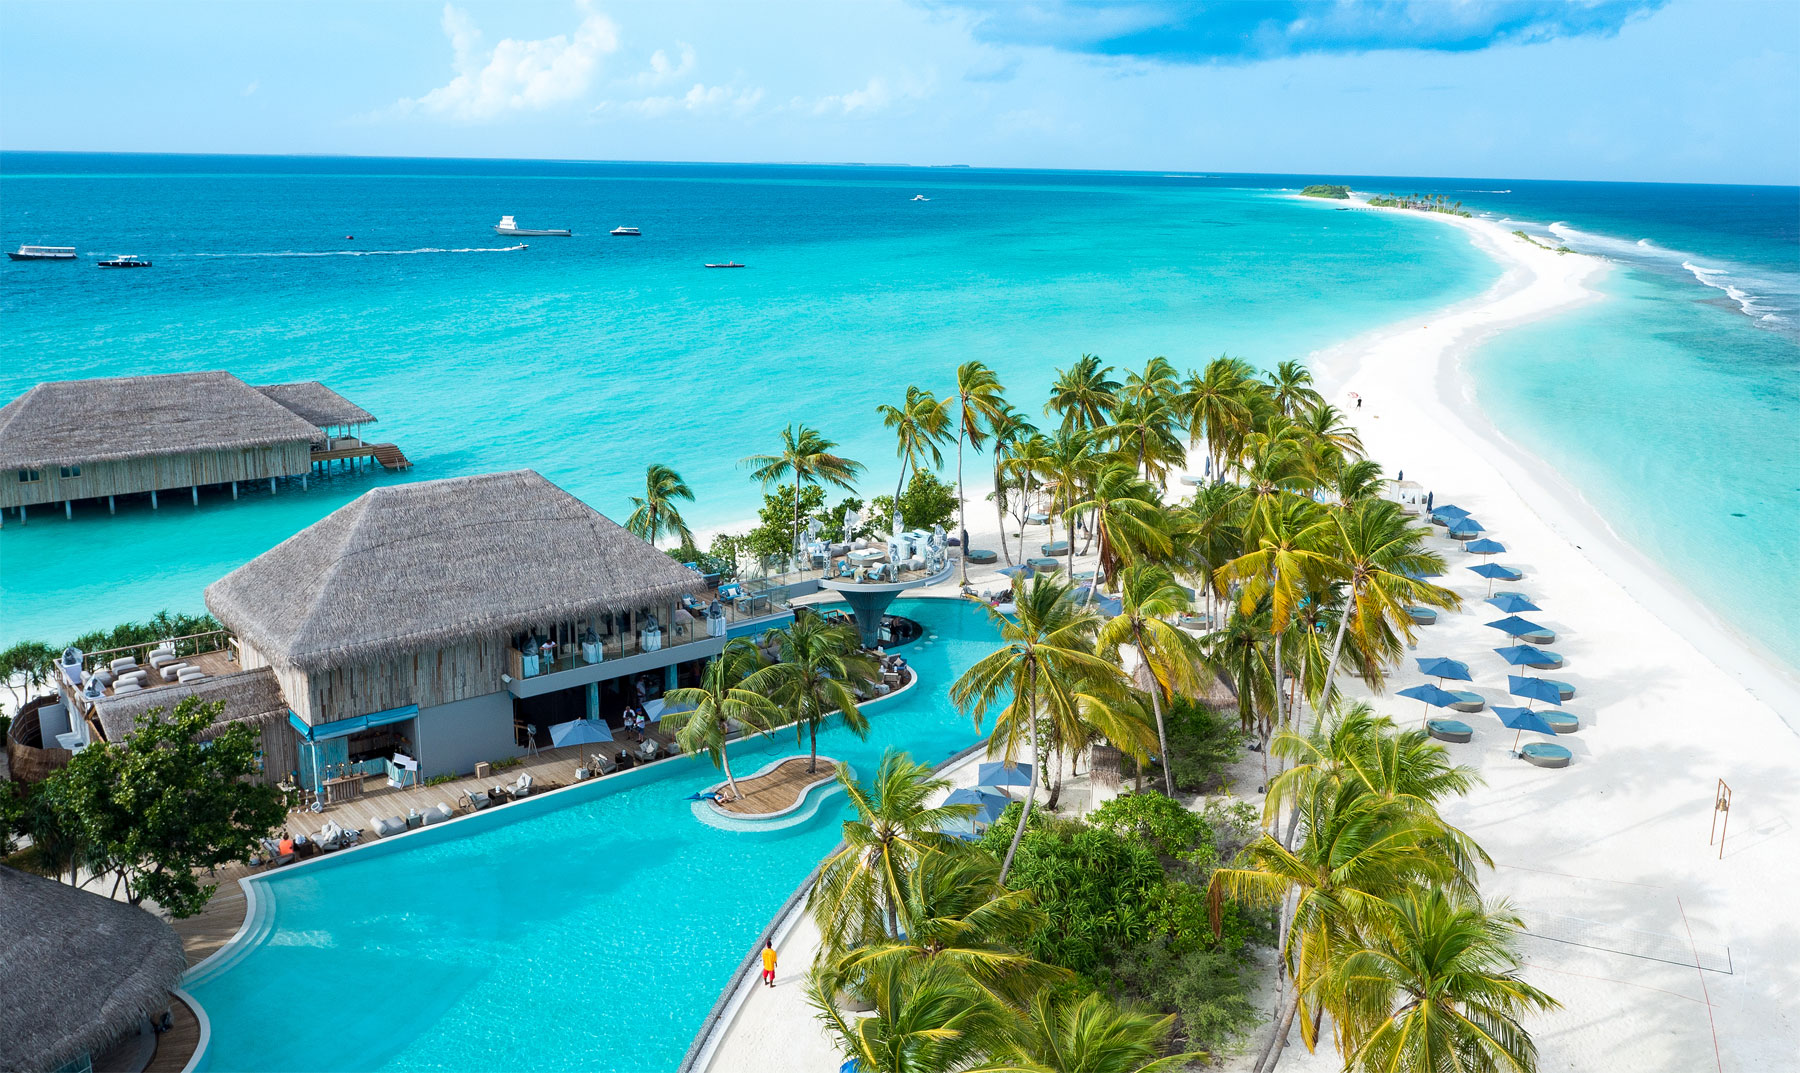 1-OAK-maldives-2